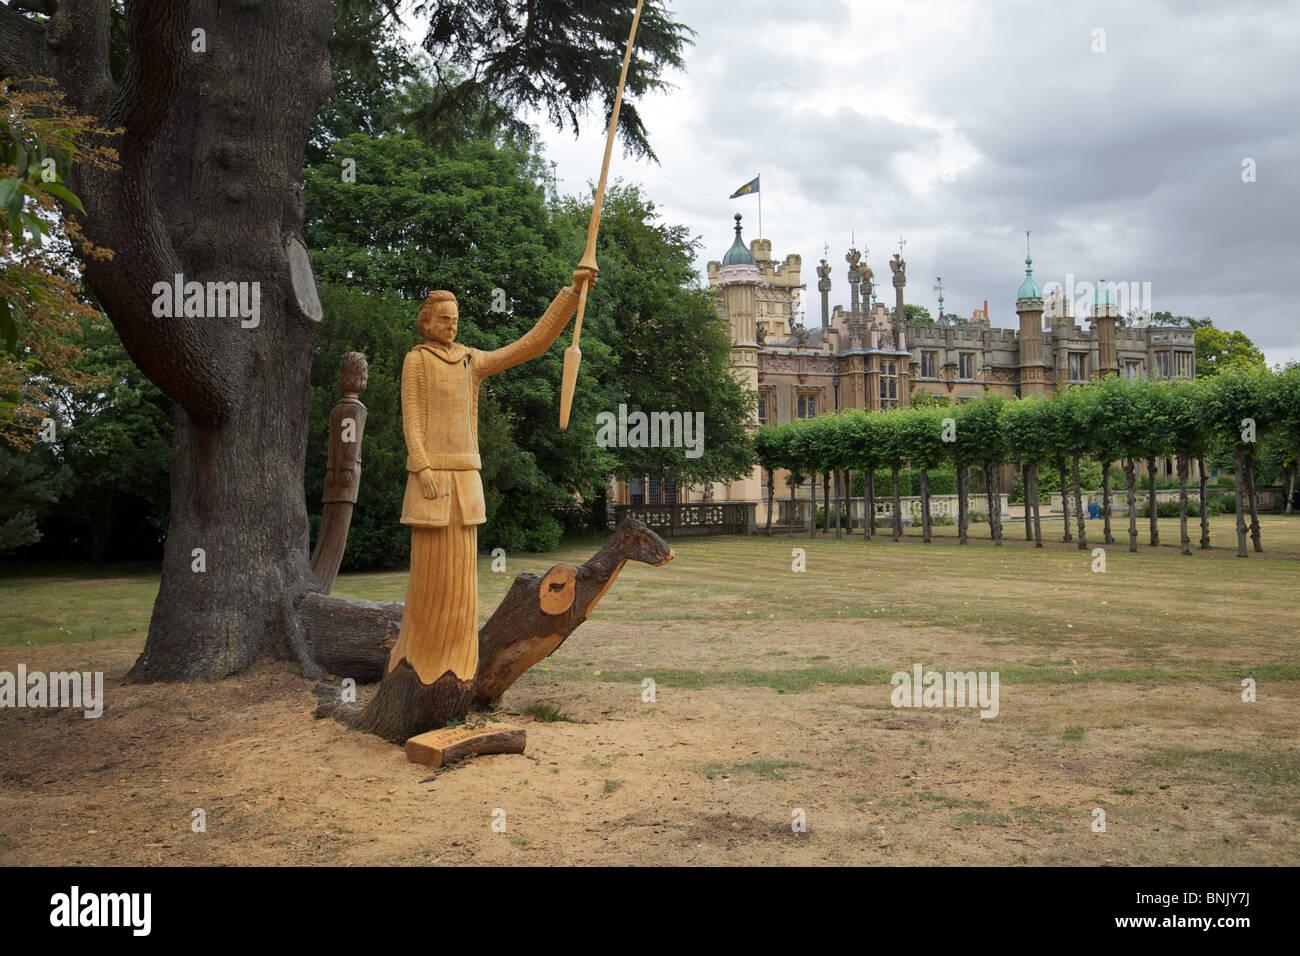 Knebworth House, Hertfordshire, England mit der Figur Lord David Lytton gebogen aus einem Baumstamm. Stockbild